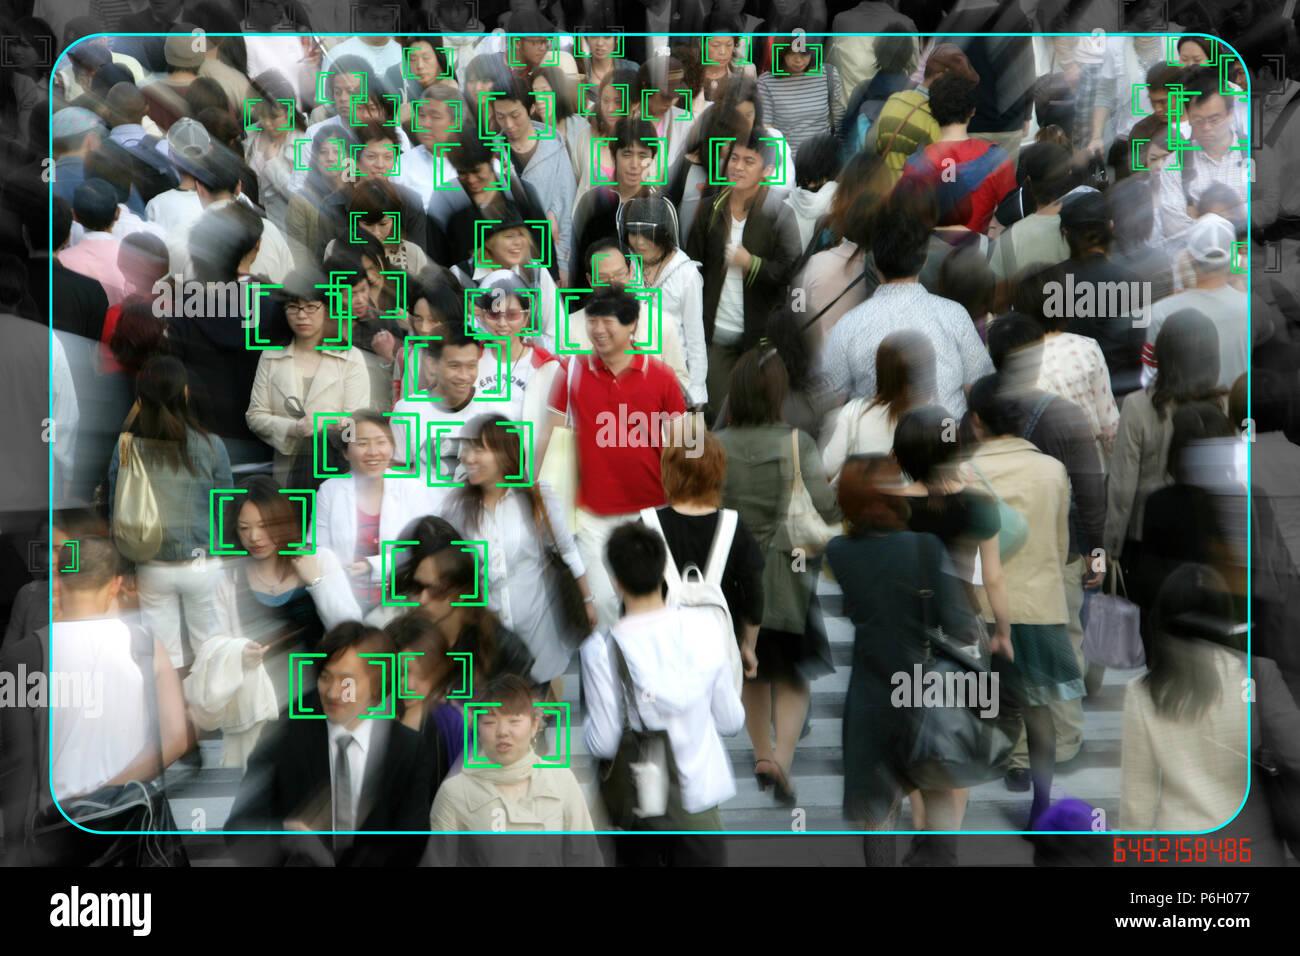 Face detection, surveillance, camera image, face tracking, symbolic image, - Stock Image